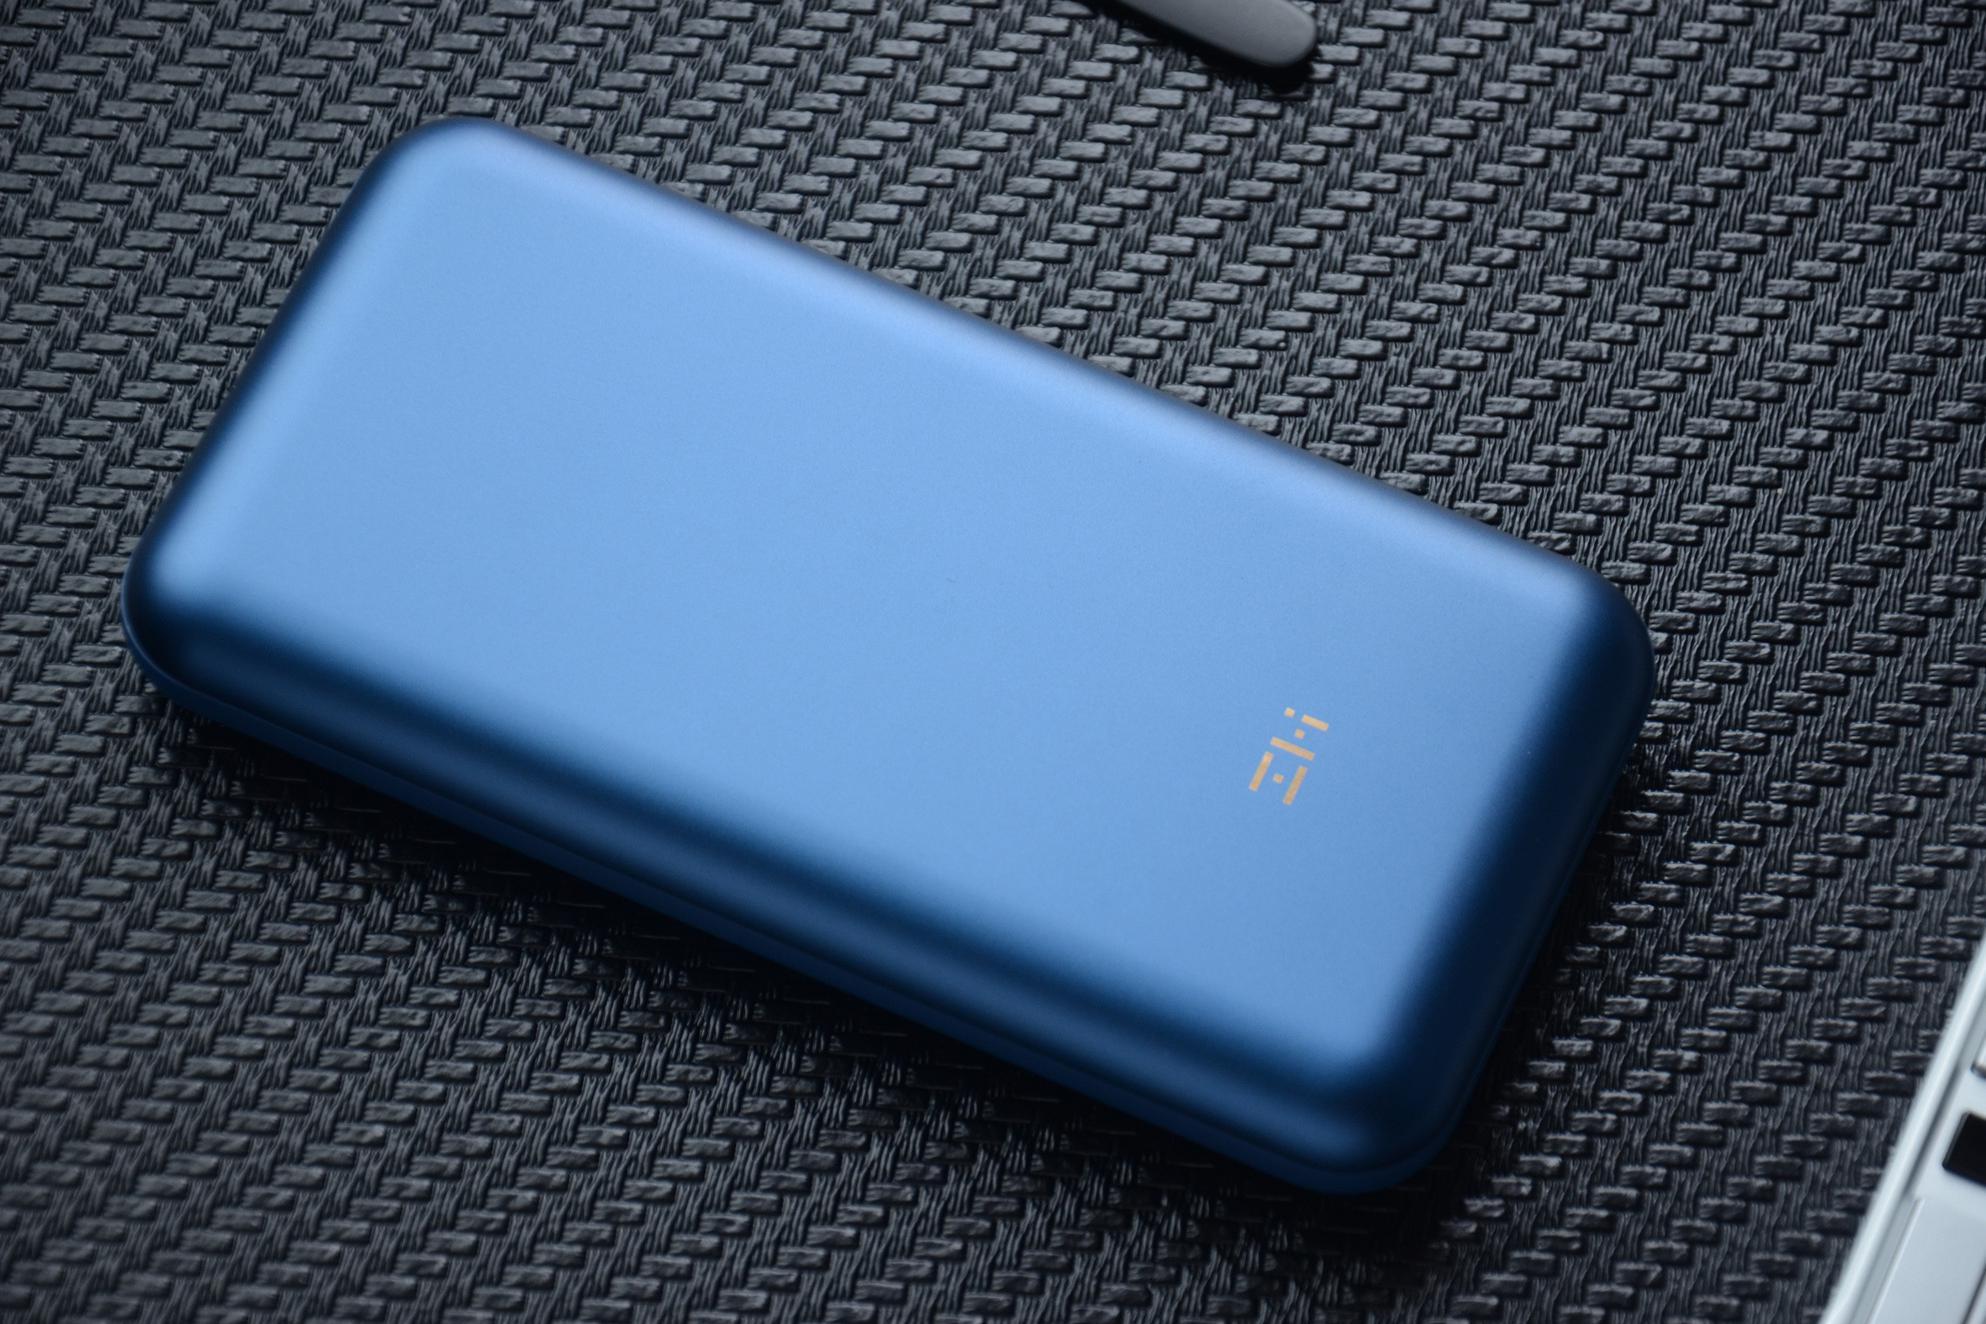 小米生态链新品评测:2万毫安,可以给笔记本充电的移动电源